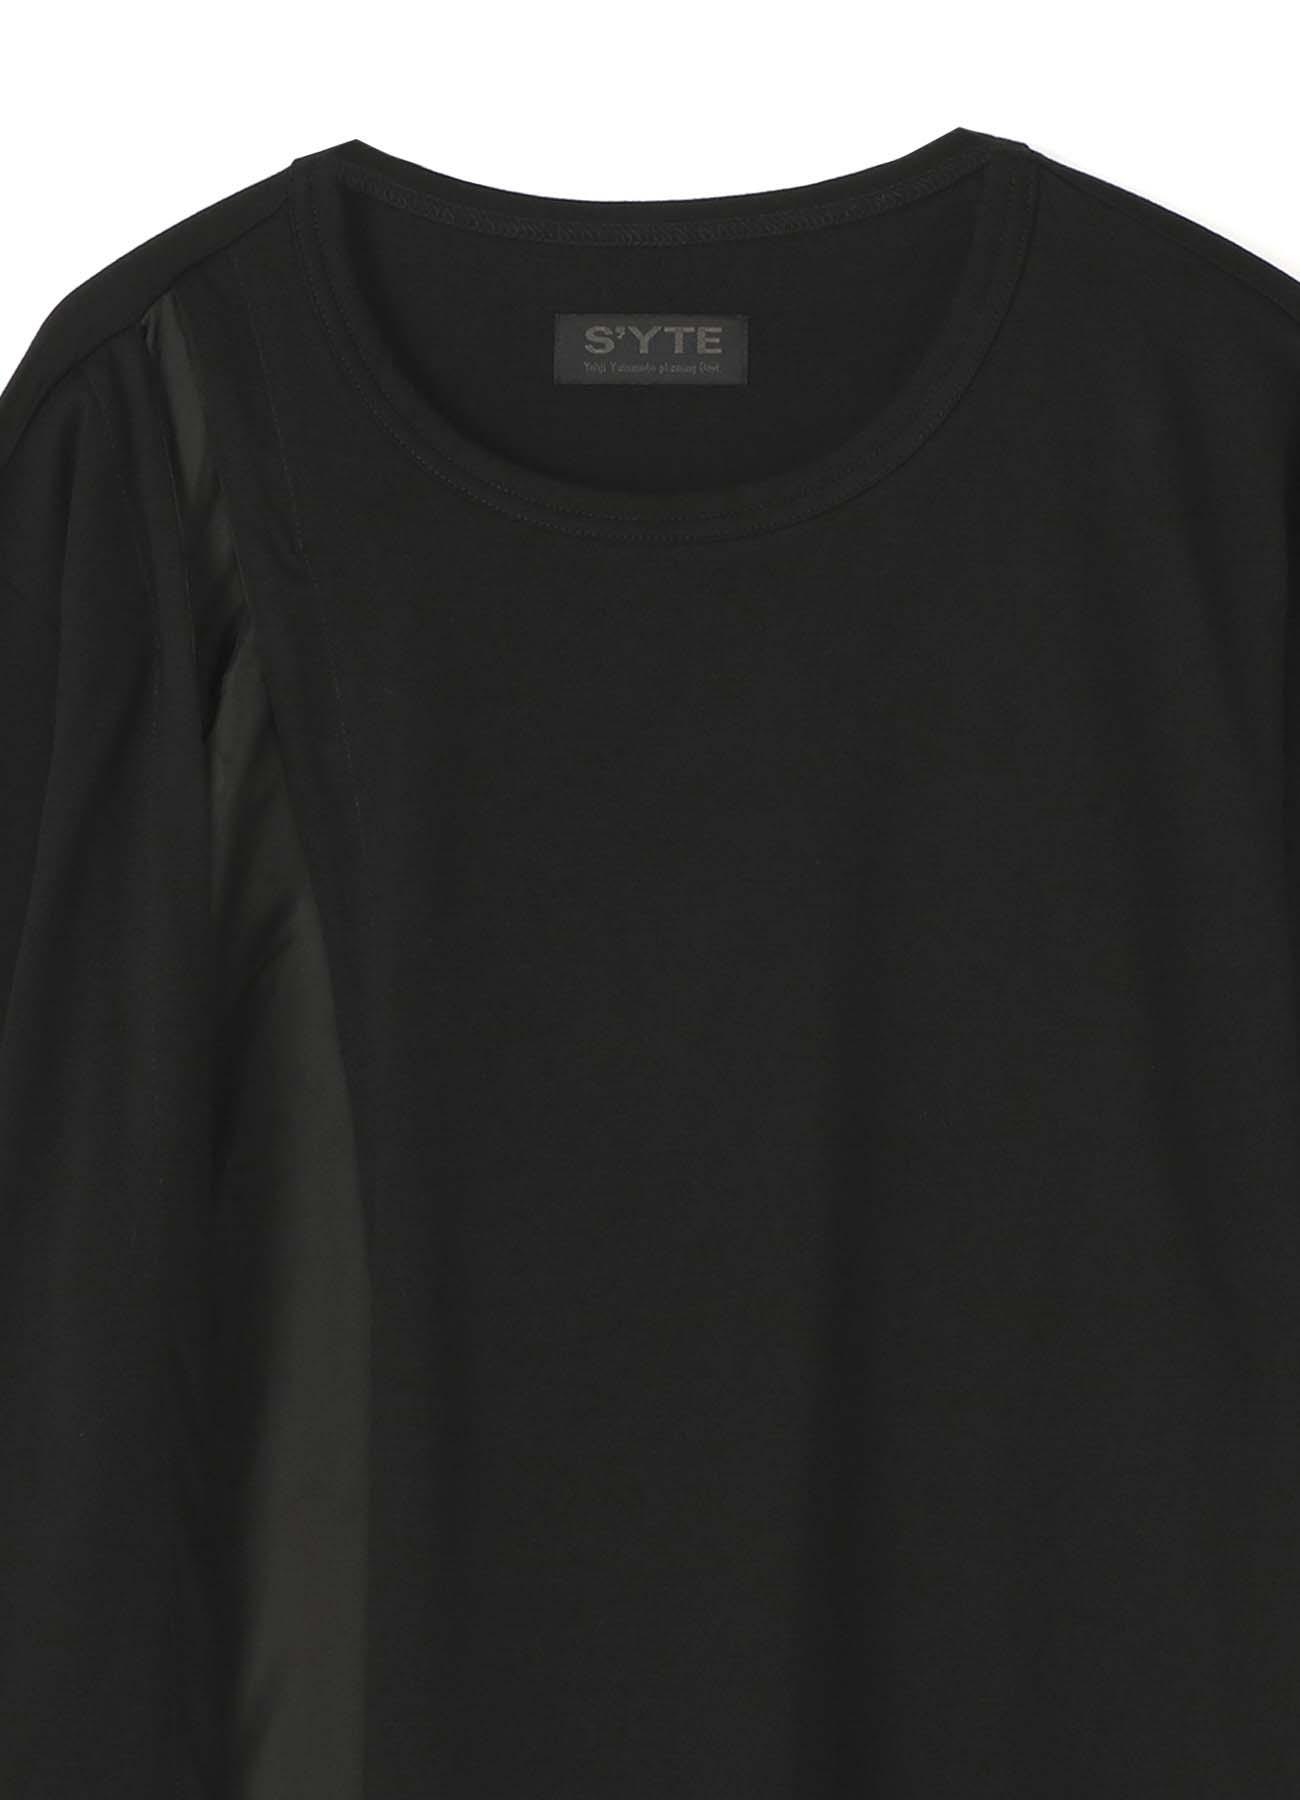 不对称设计拼接短袖T恤